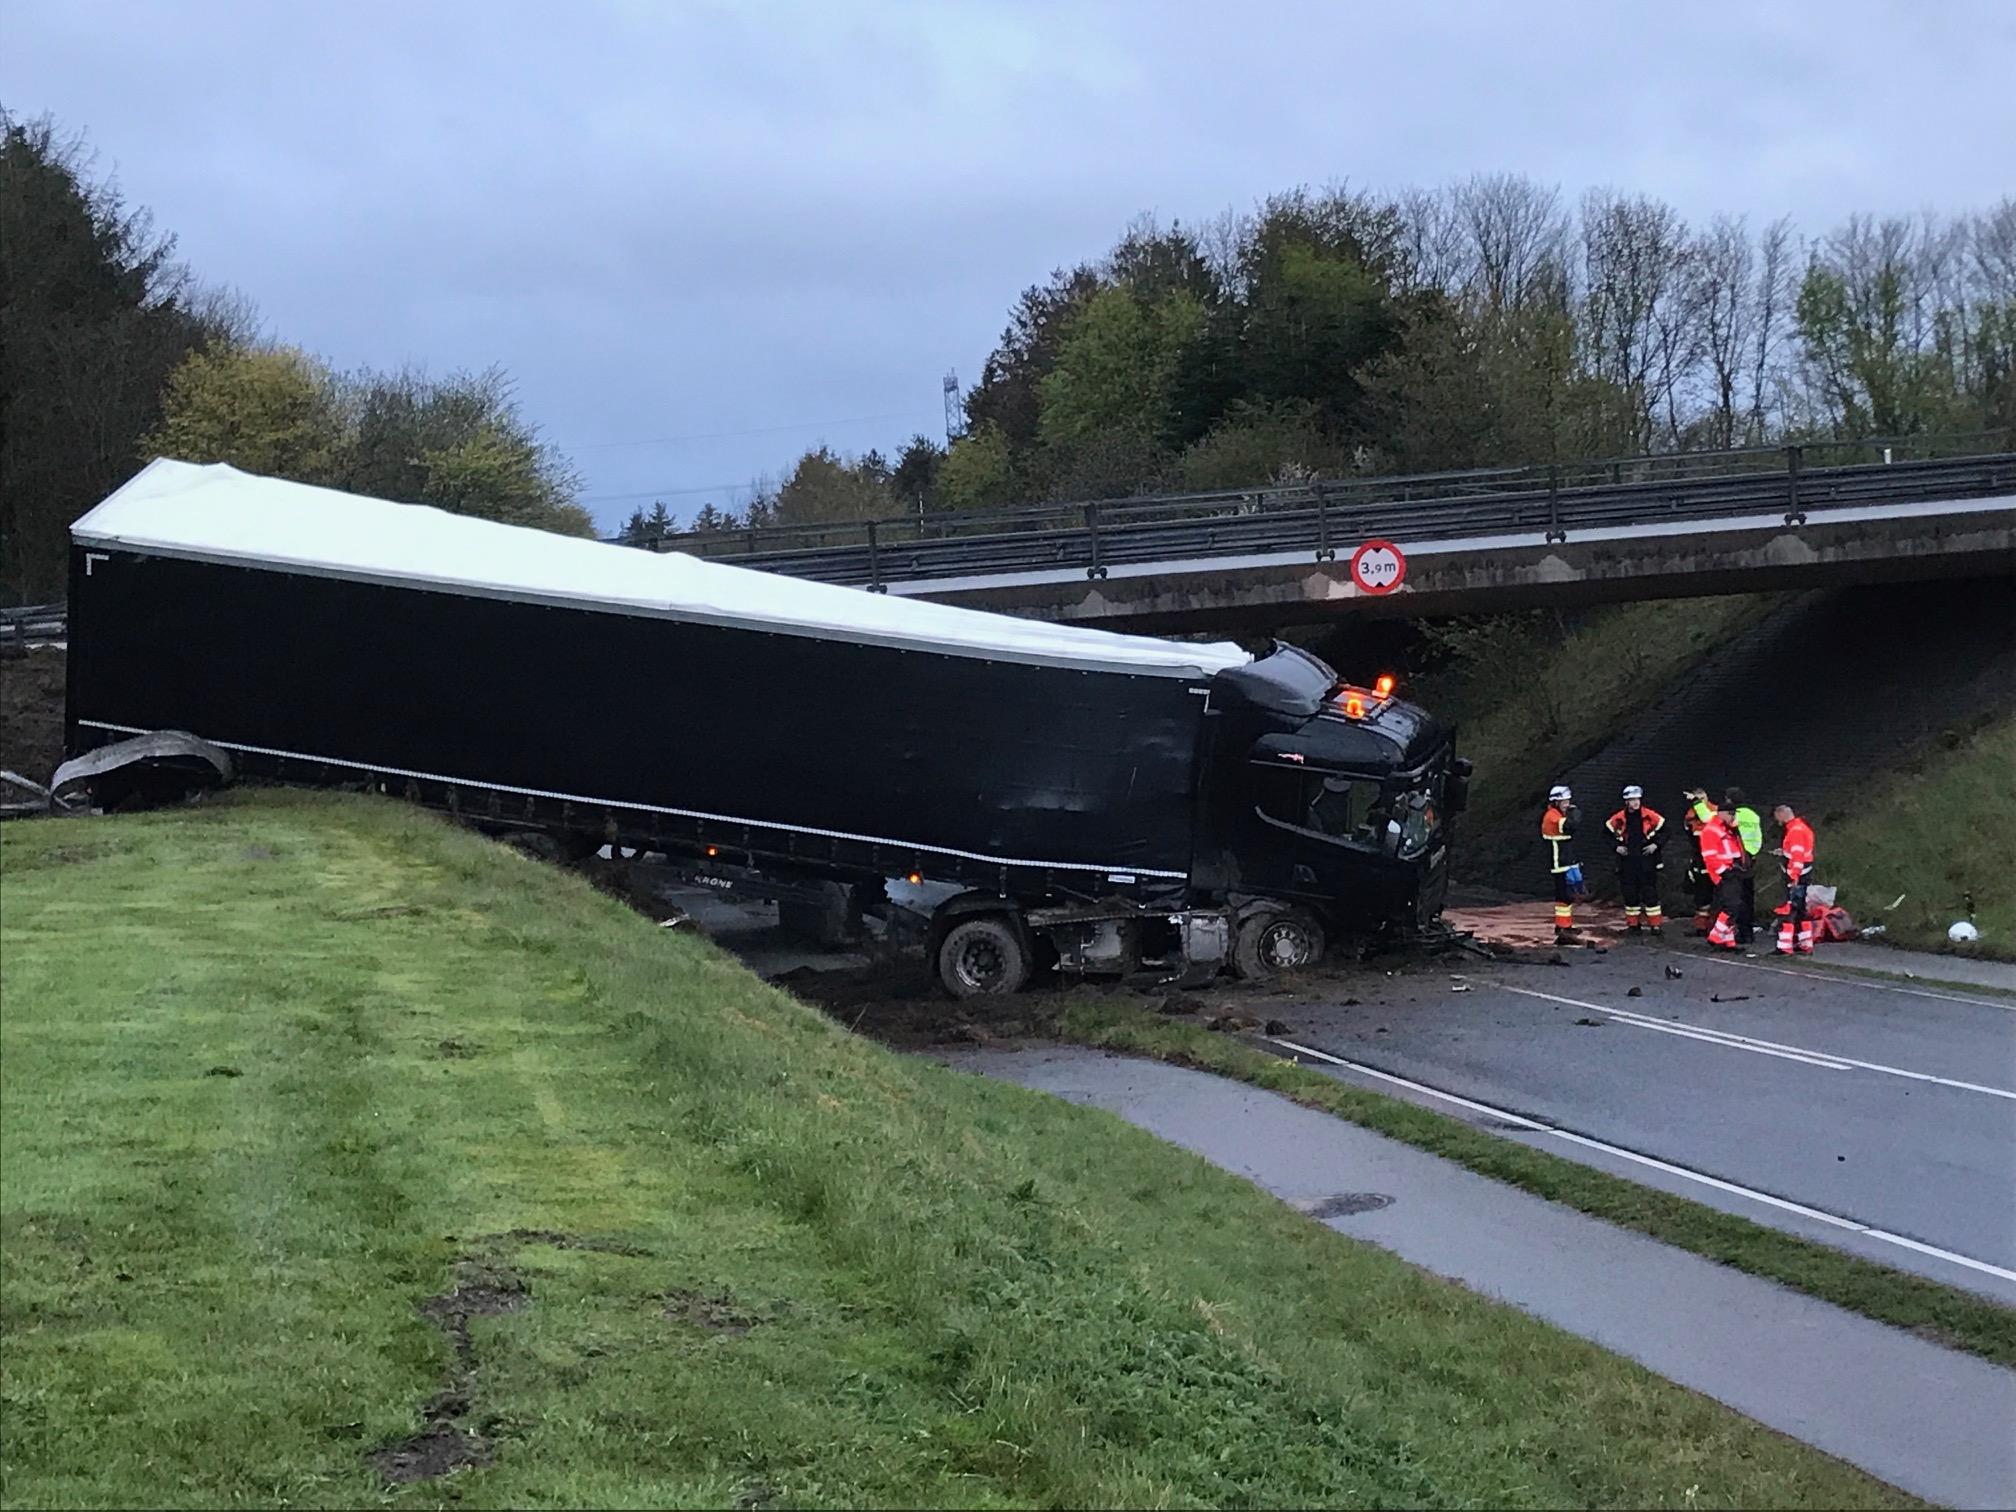 Vildt syn: Stor lastbil kørt ud over motorvejsbro syd for Aalborg